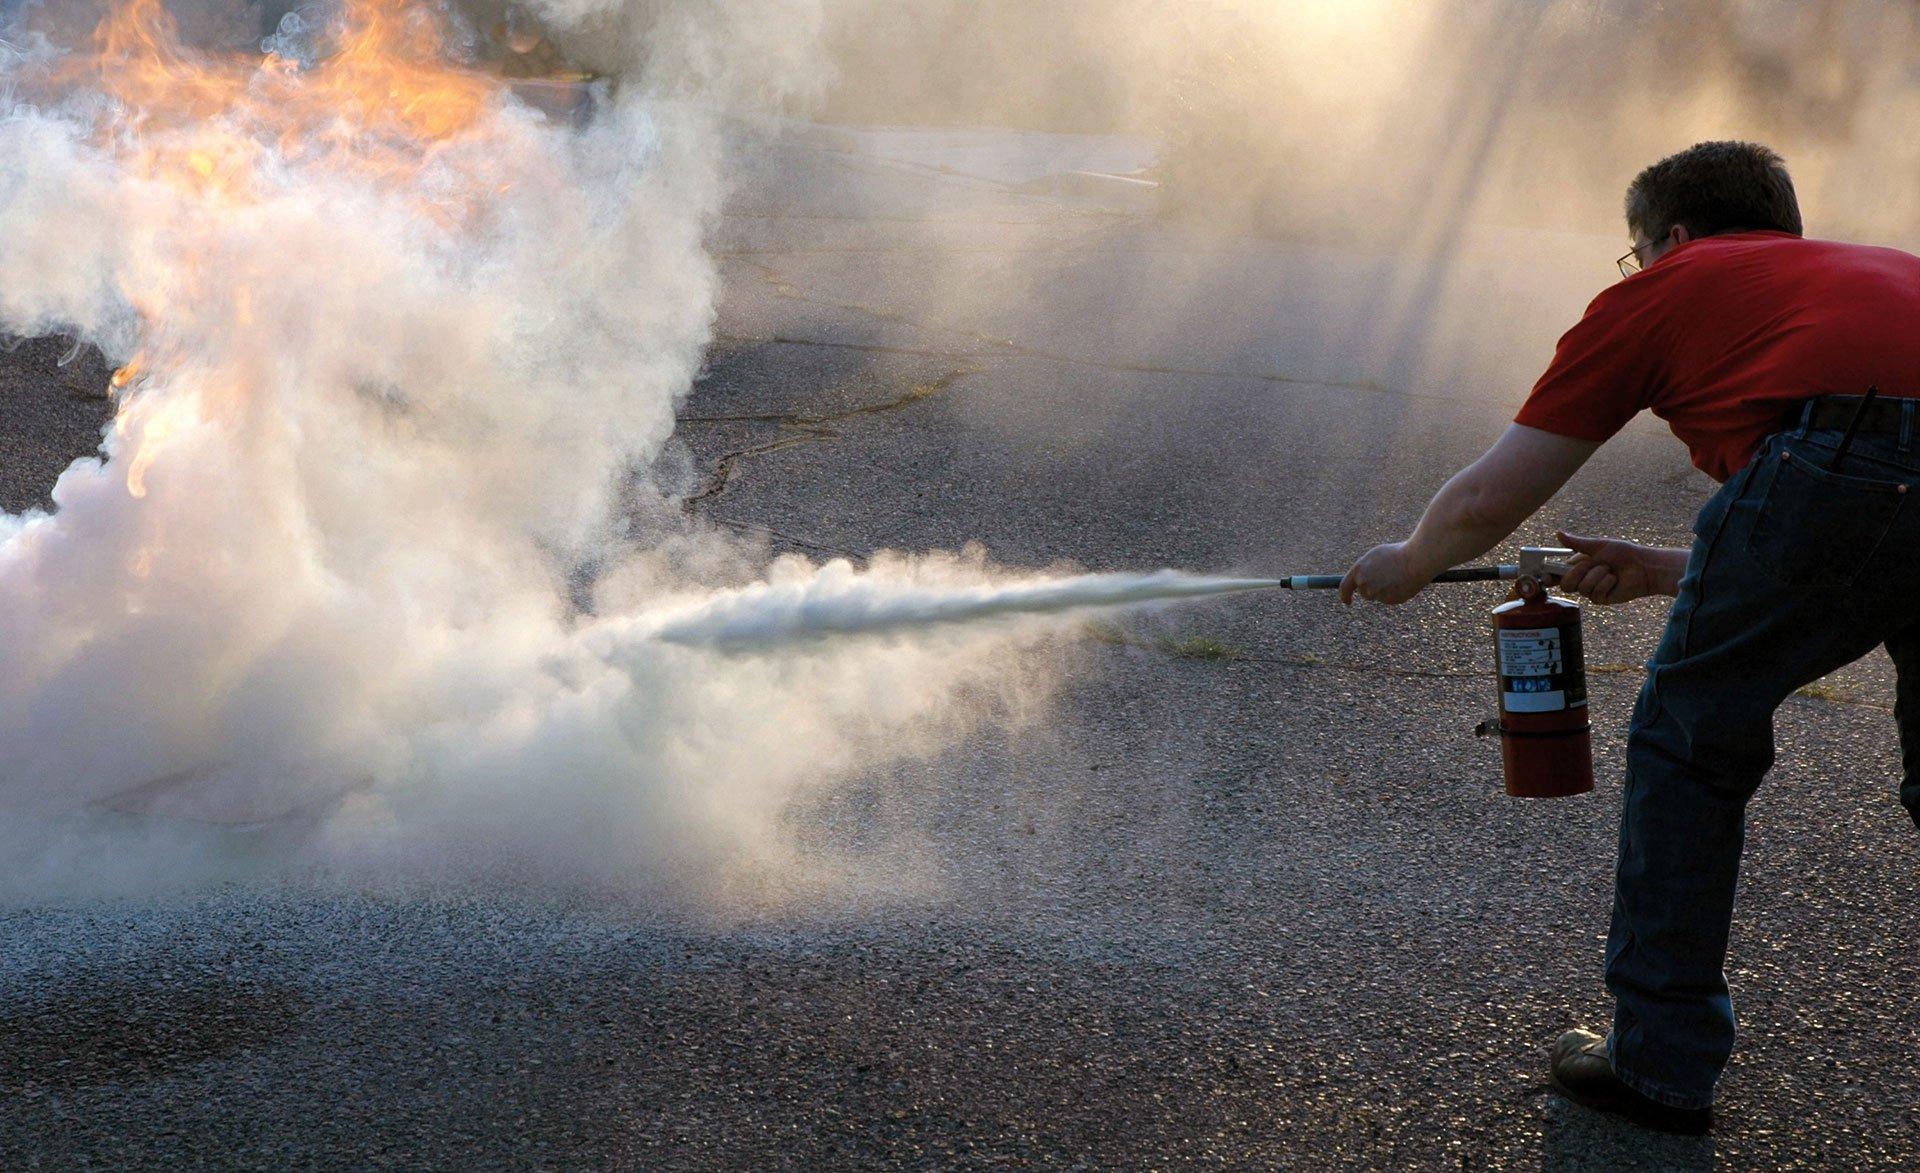 порошковые огнетушители описание